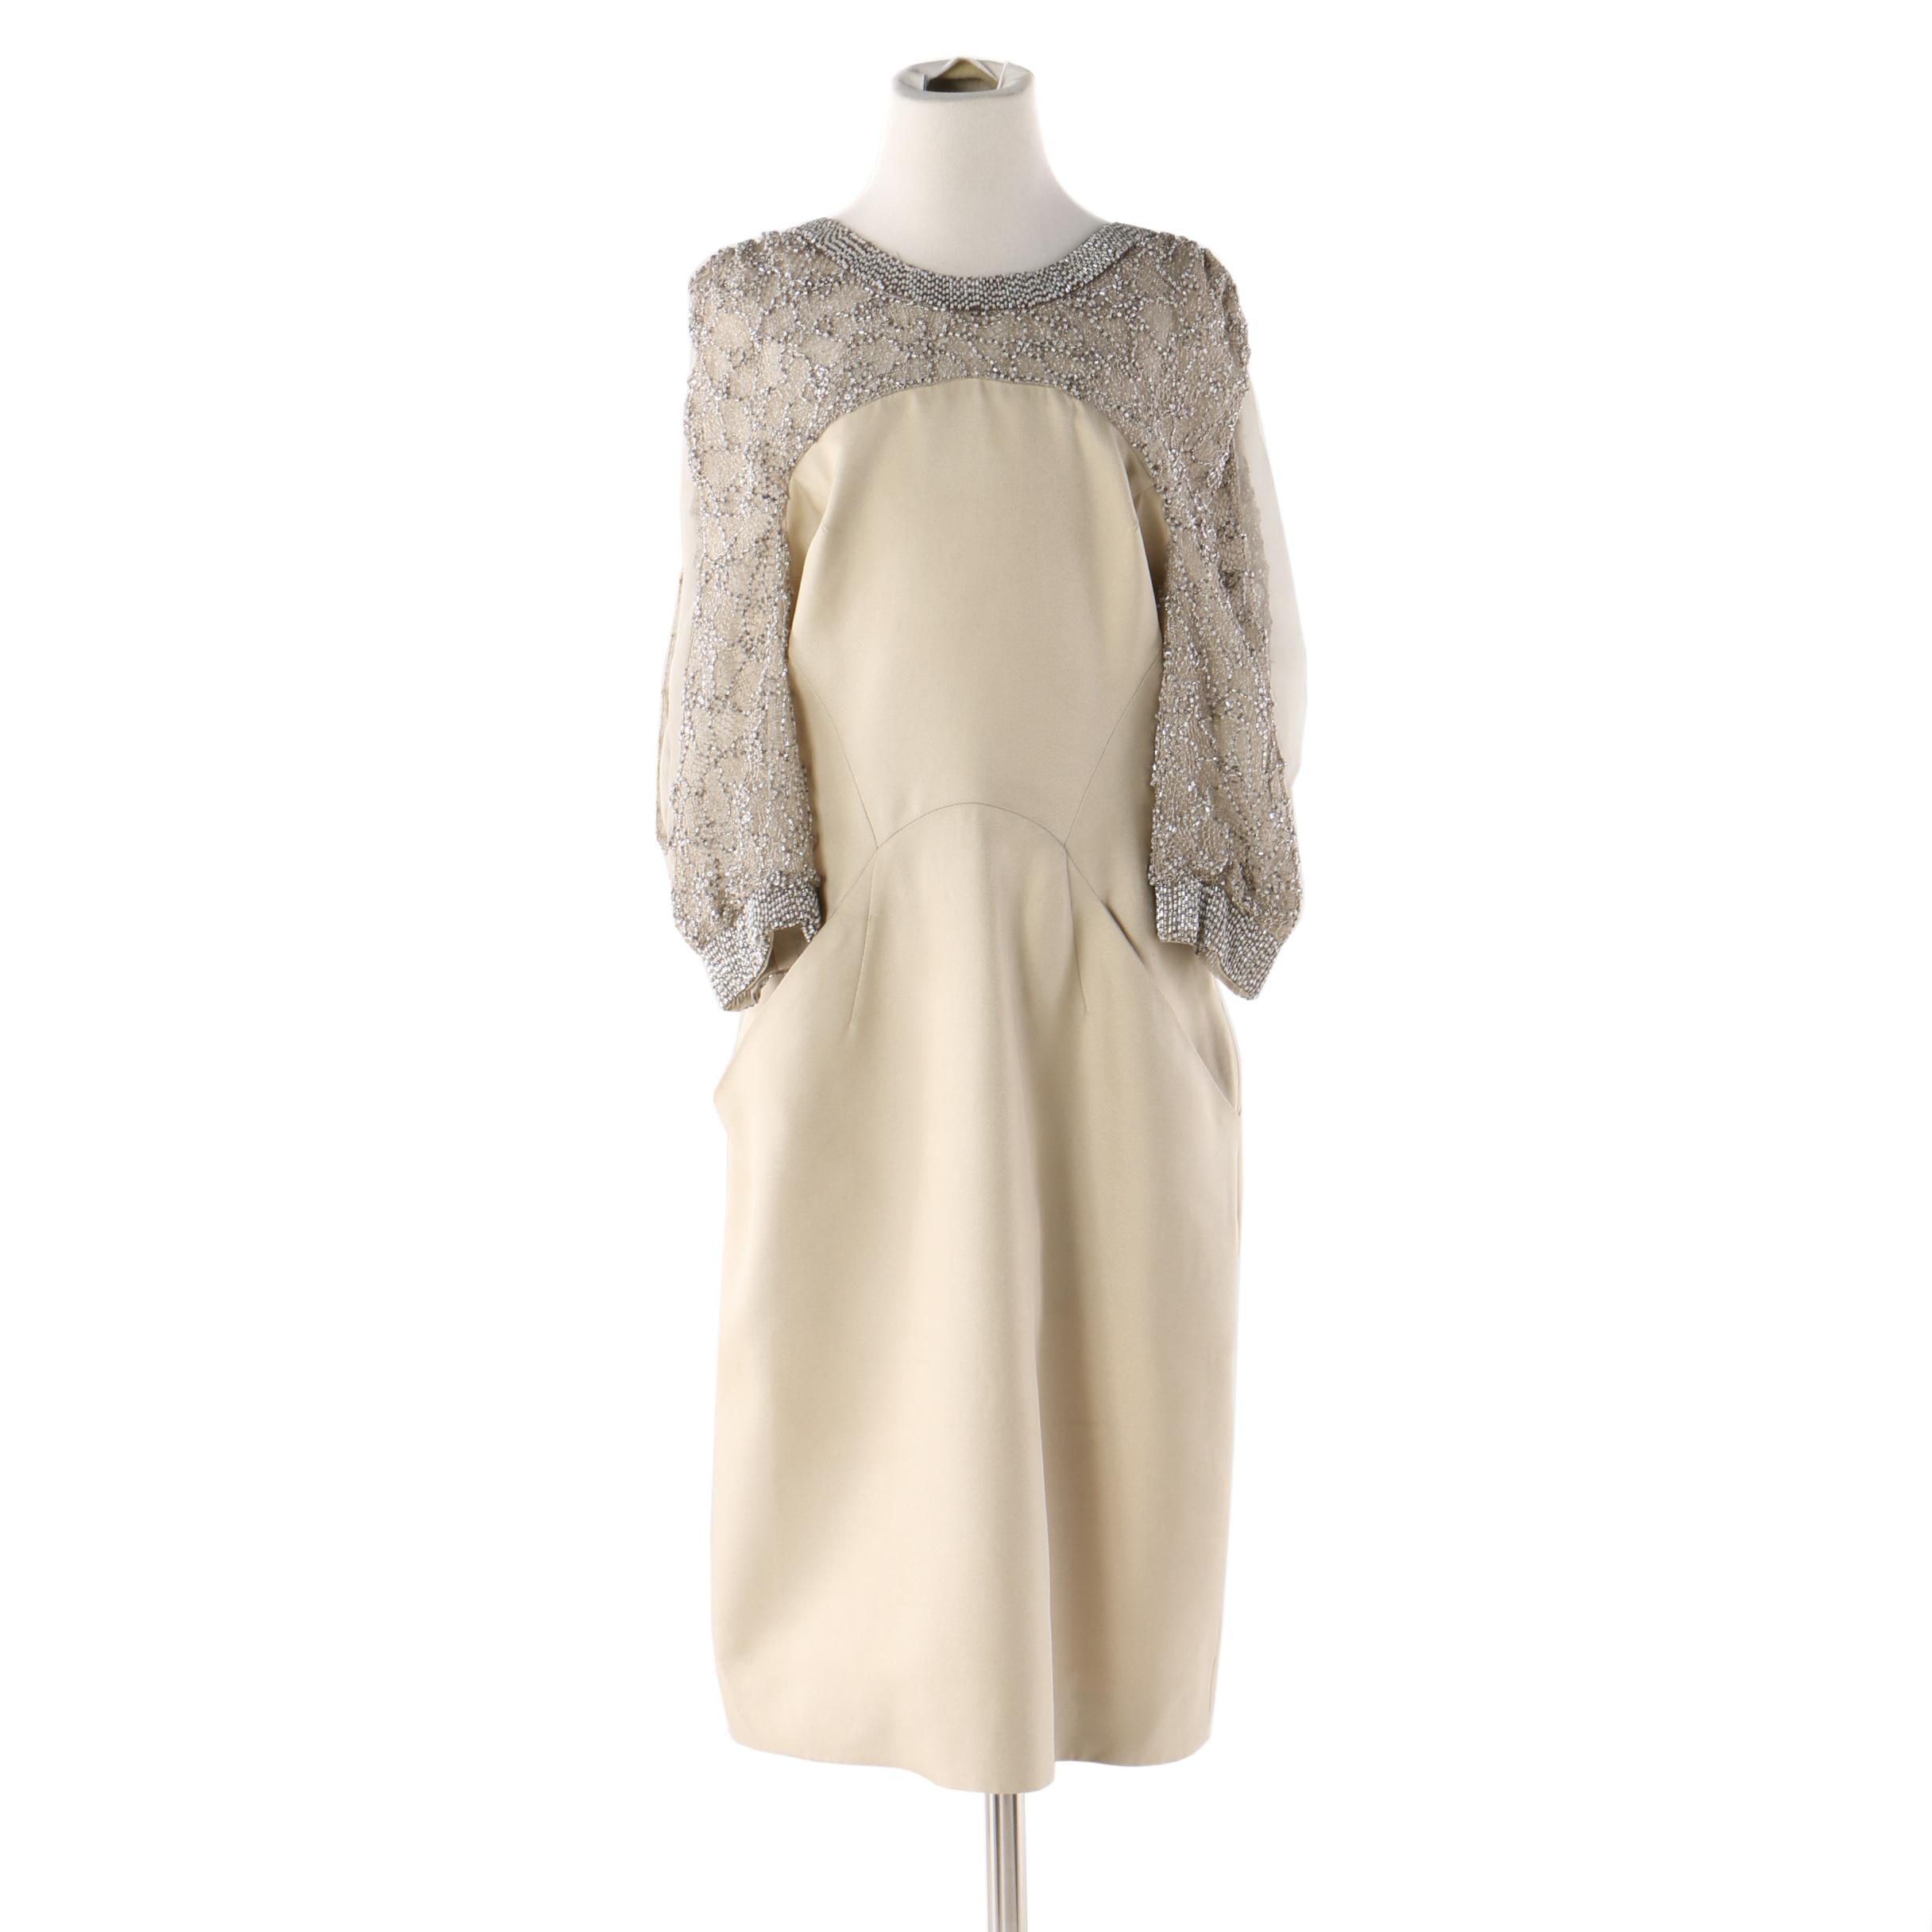 Embellished Yoke Cold Shoulder Dress